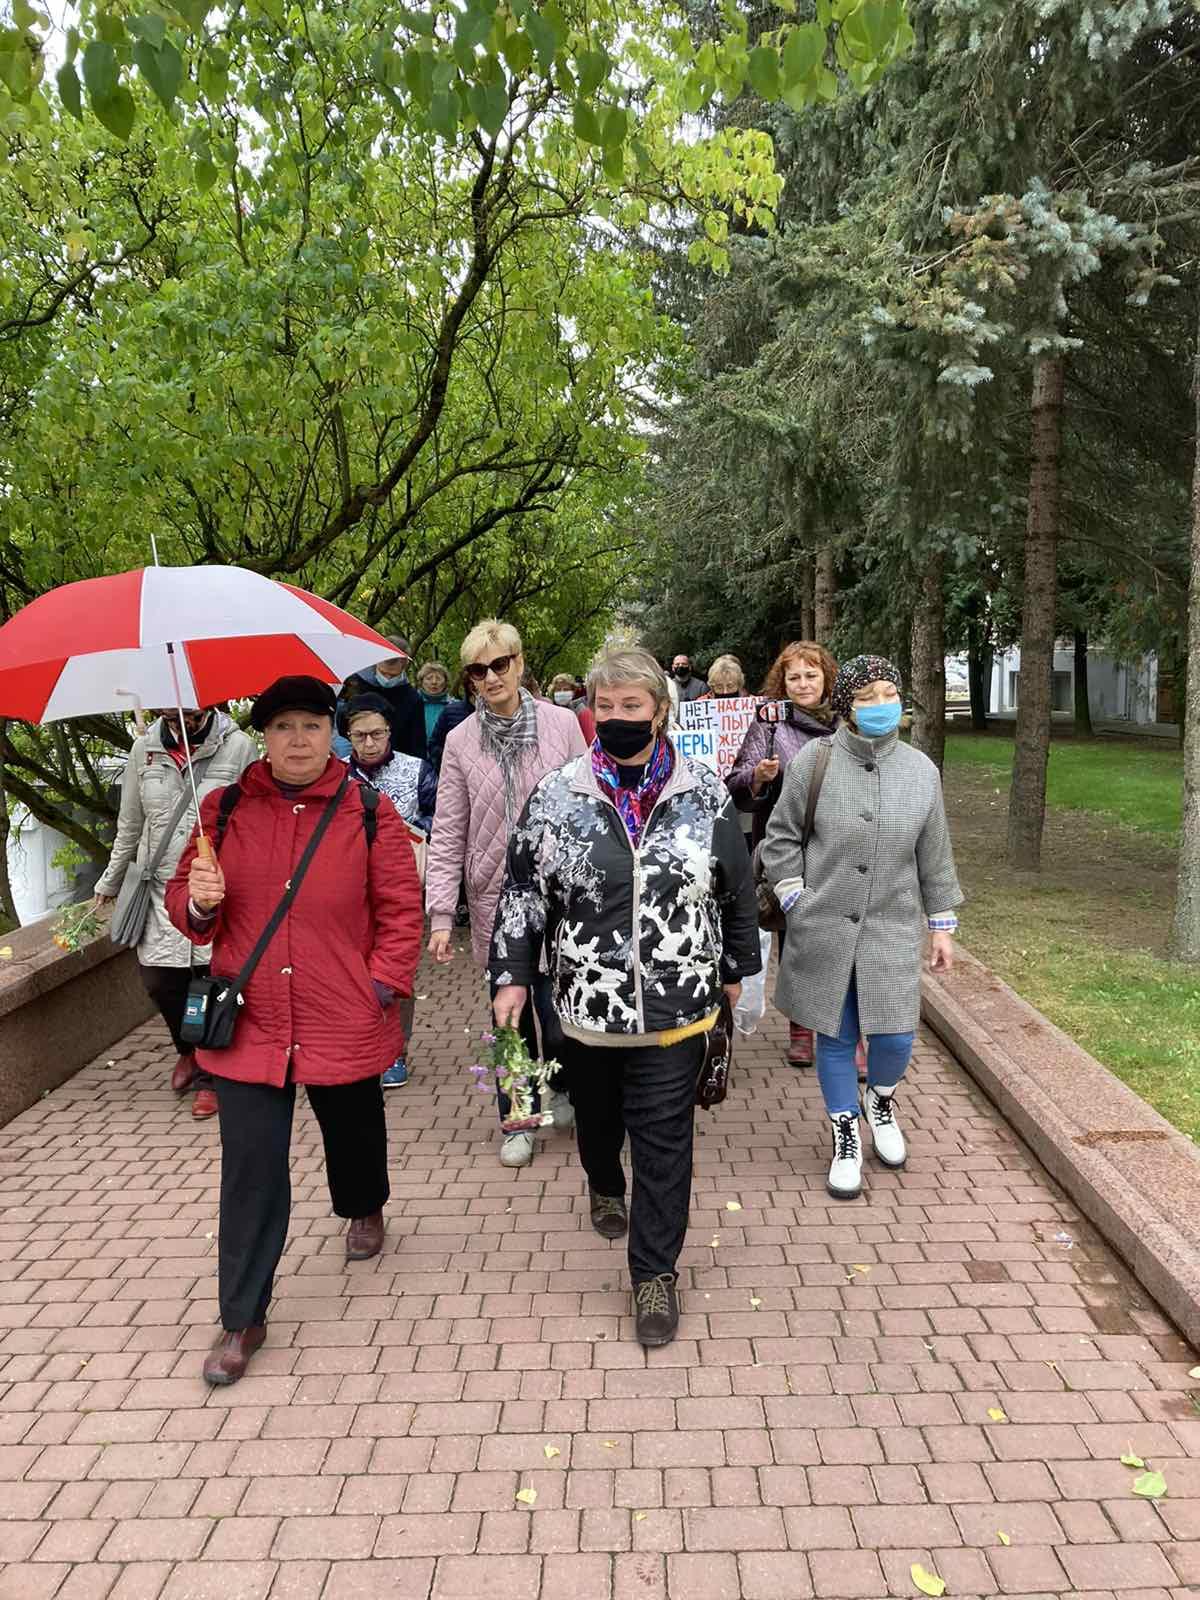 """Пенсіянеры супраць гвалту! Віцебскі """"Марш пенсіянераў""""."""